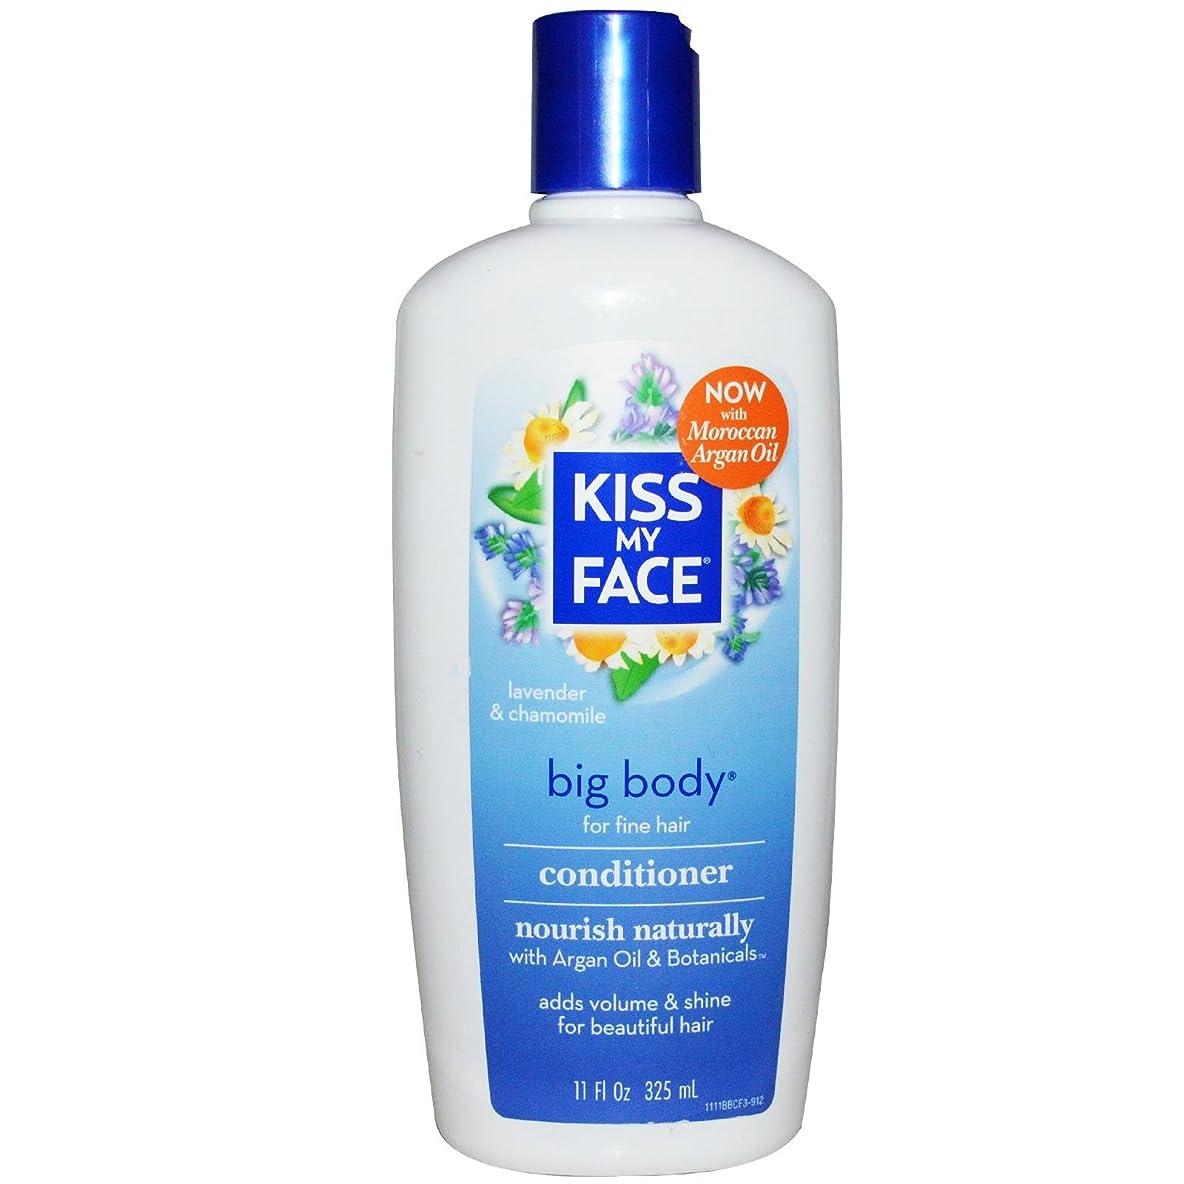 パキスタン半導体省Kiss My Face Big Body Conditioner Lavender and Chamomile - 11 fl oz